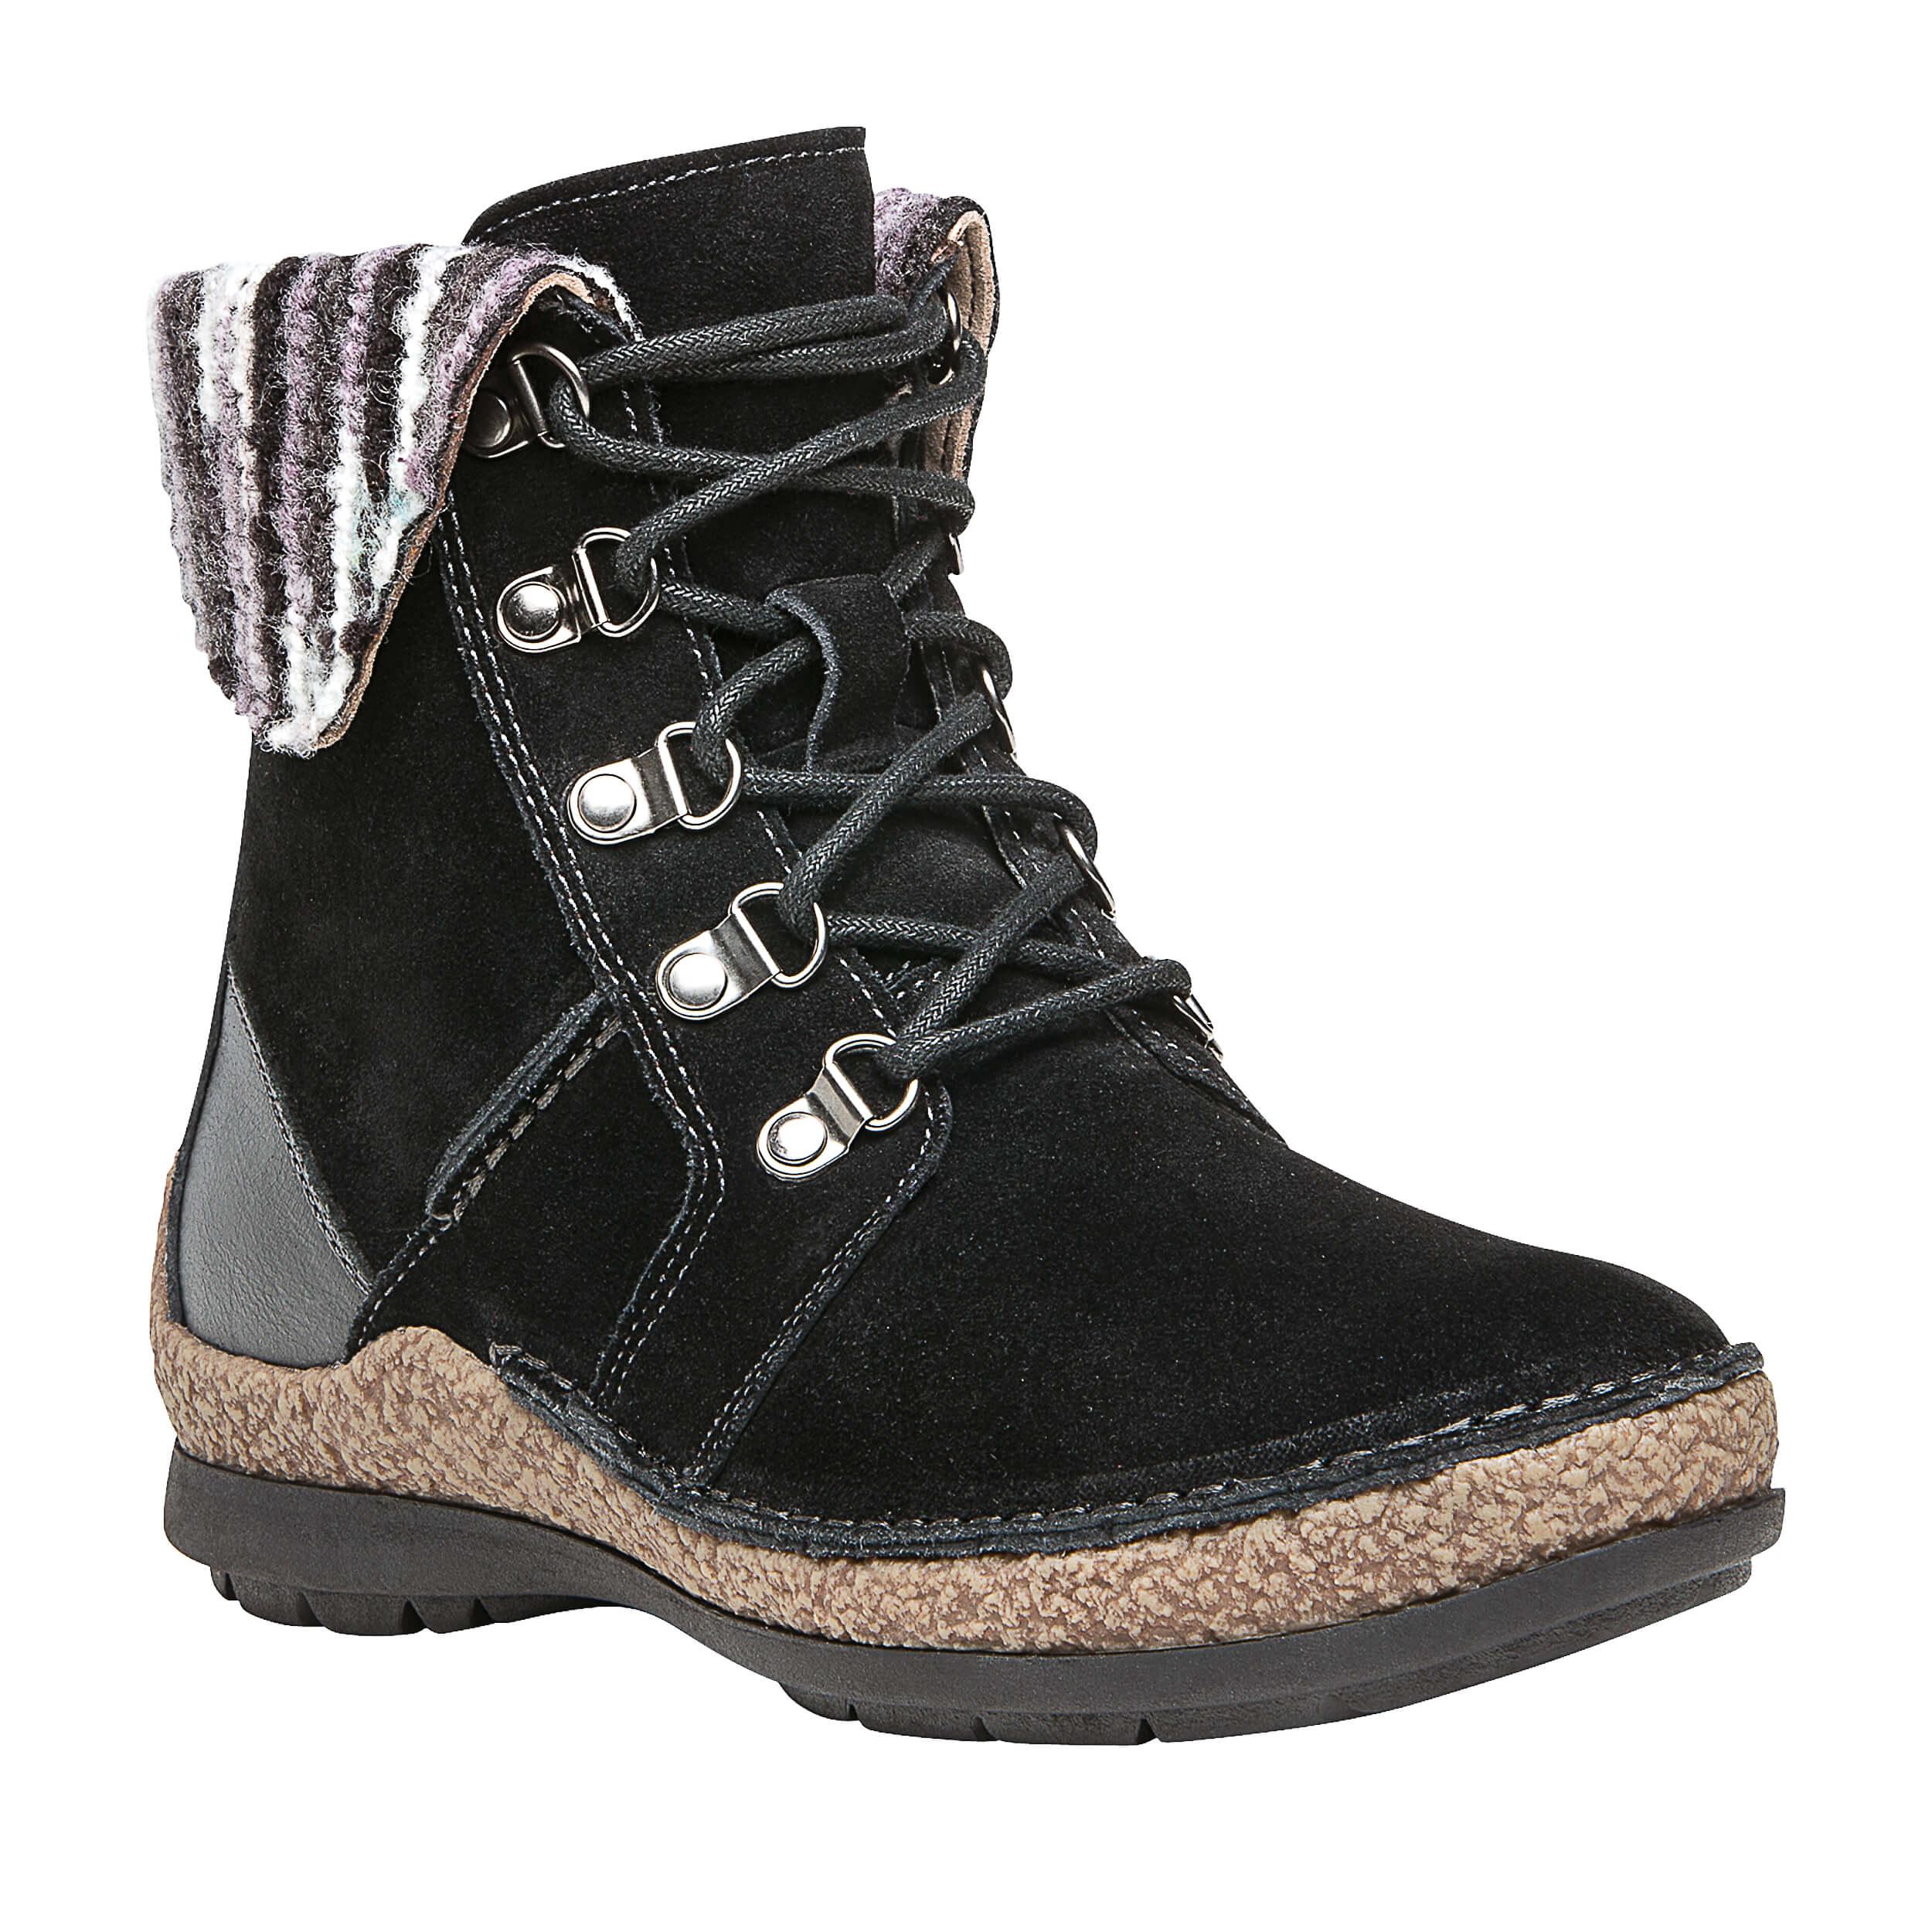 for walking comfort sneakers comfortable high comforter nordstrom womens women top c mephisto wedge s booties